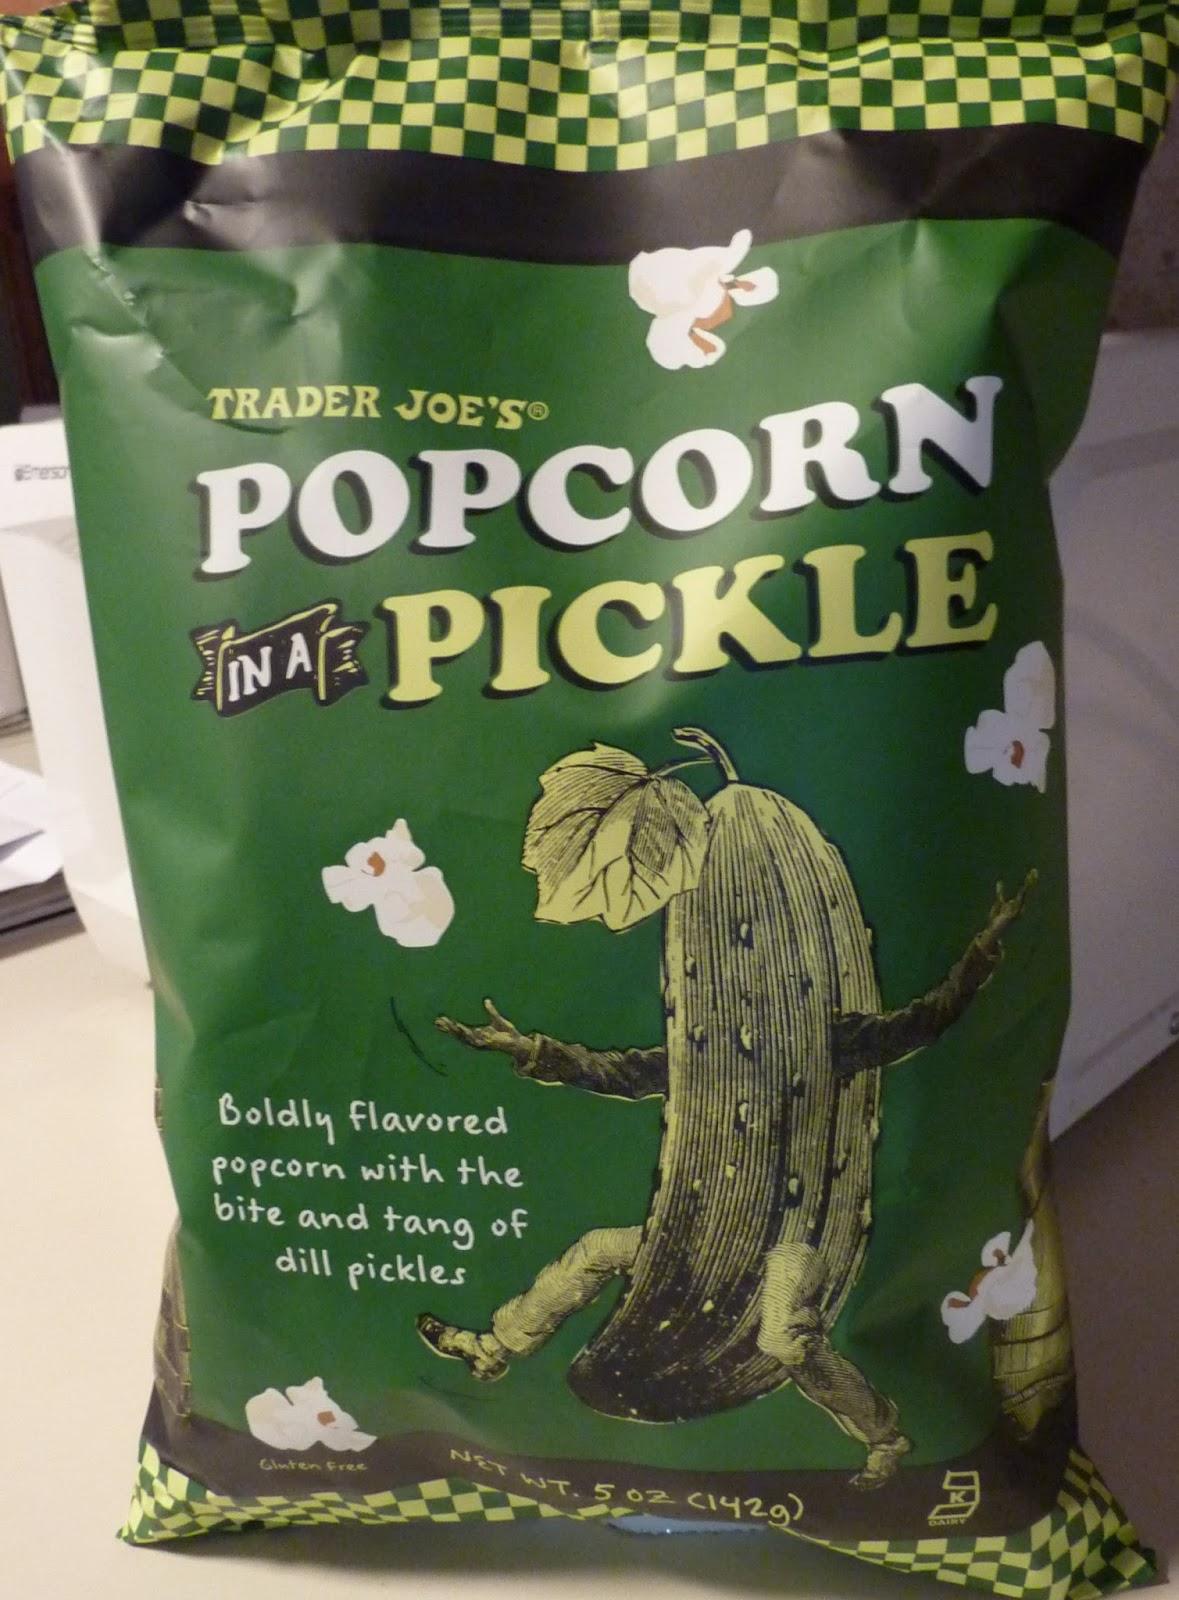 dill popcorn trader joes